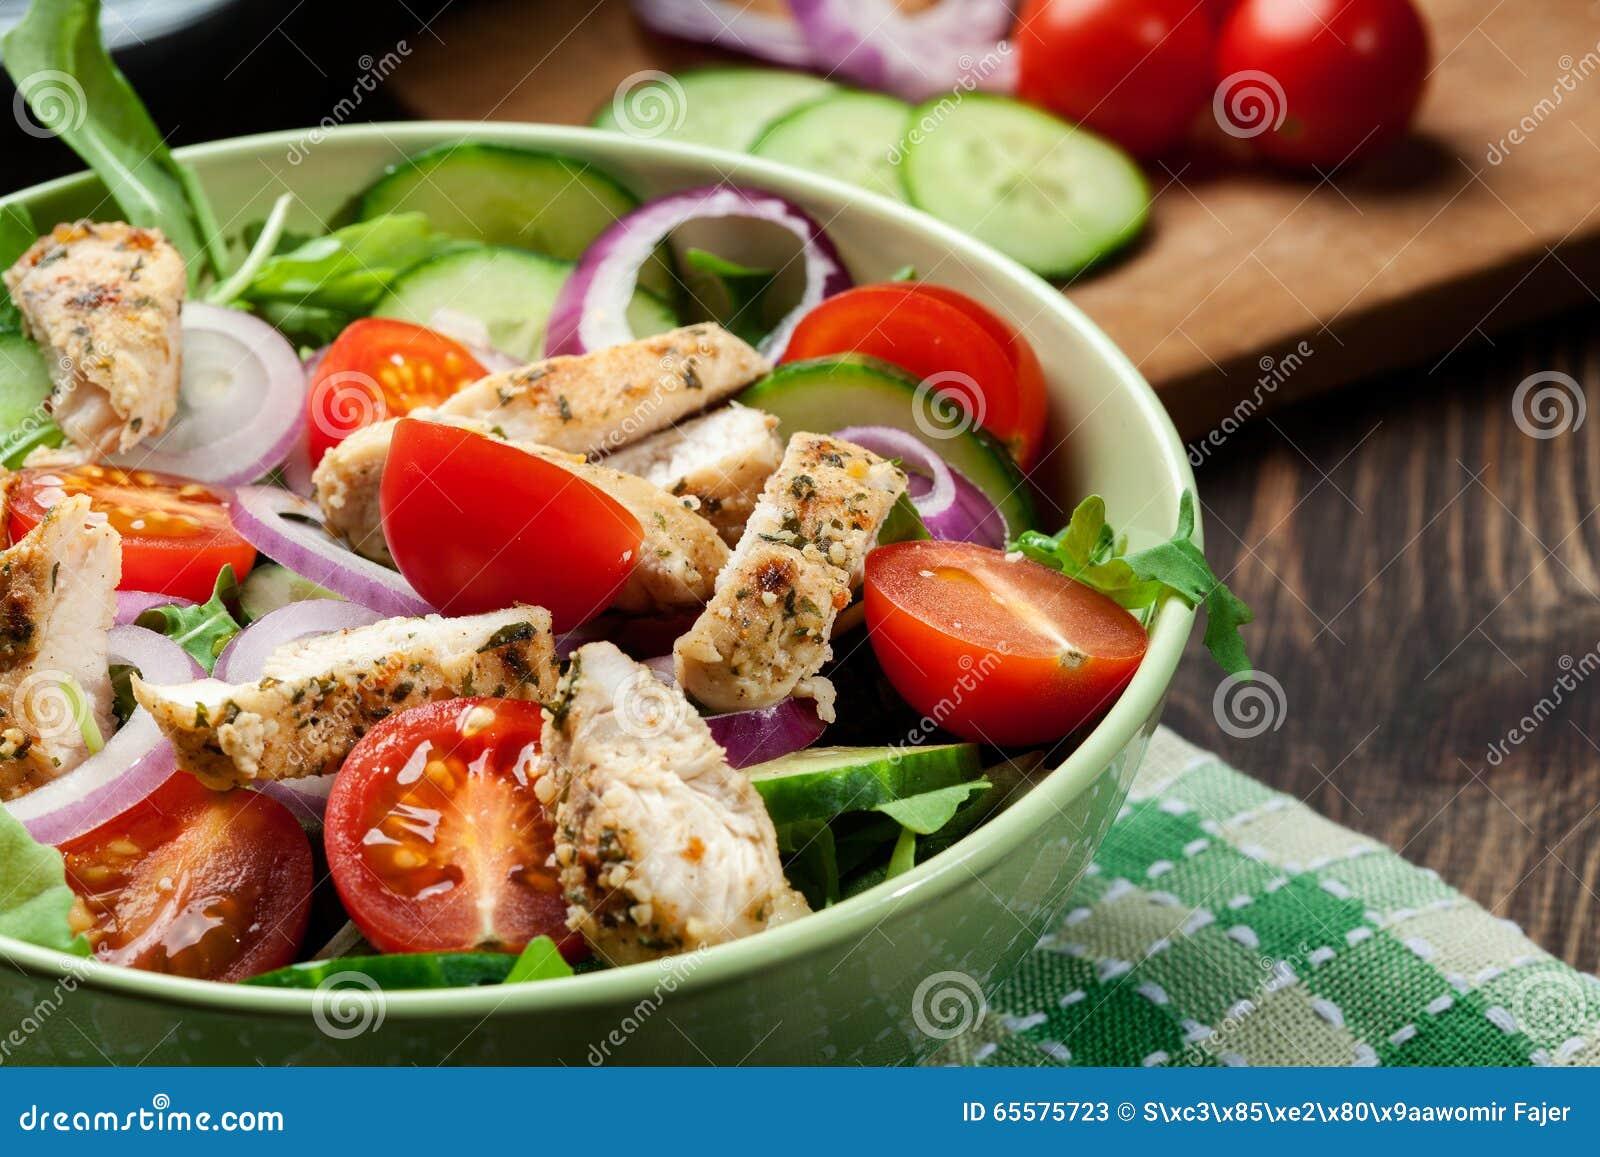 Φρέσκια σαλάτα με το κοτόπουλο, τις ντομάτες και το arugula στο πιάτο